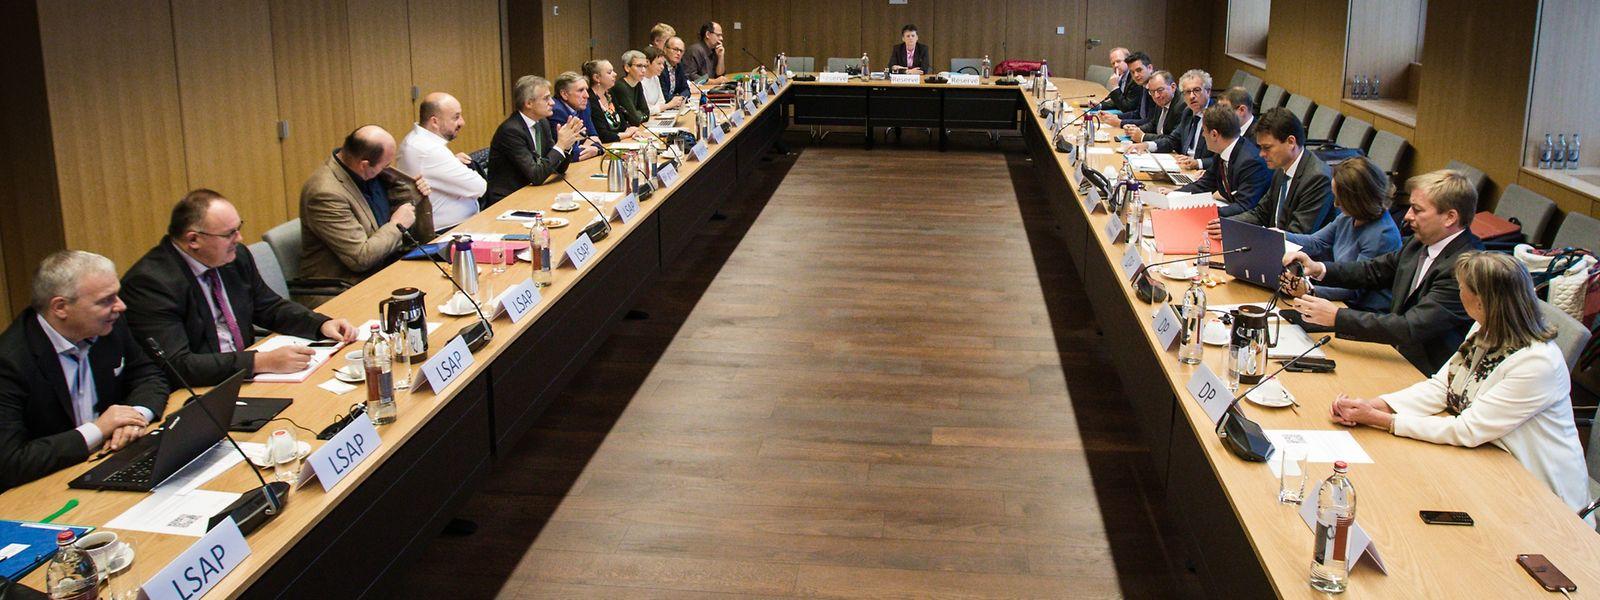 Die Koalitionsverhandlungen finden diesmal unter veränderten Voraussetzungen statt.